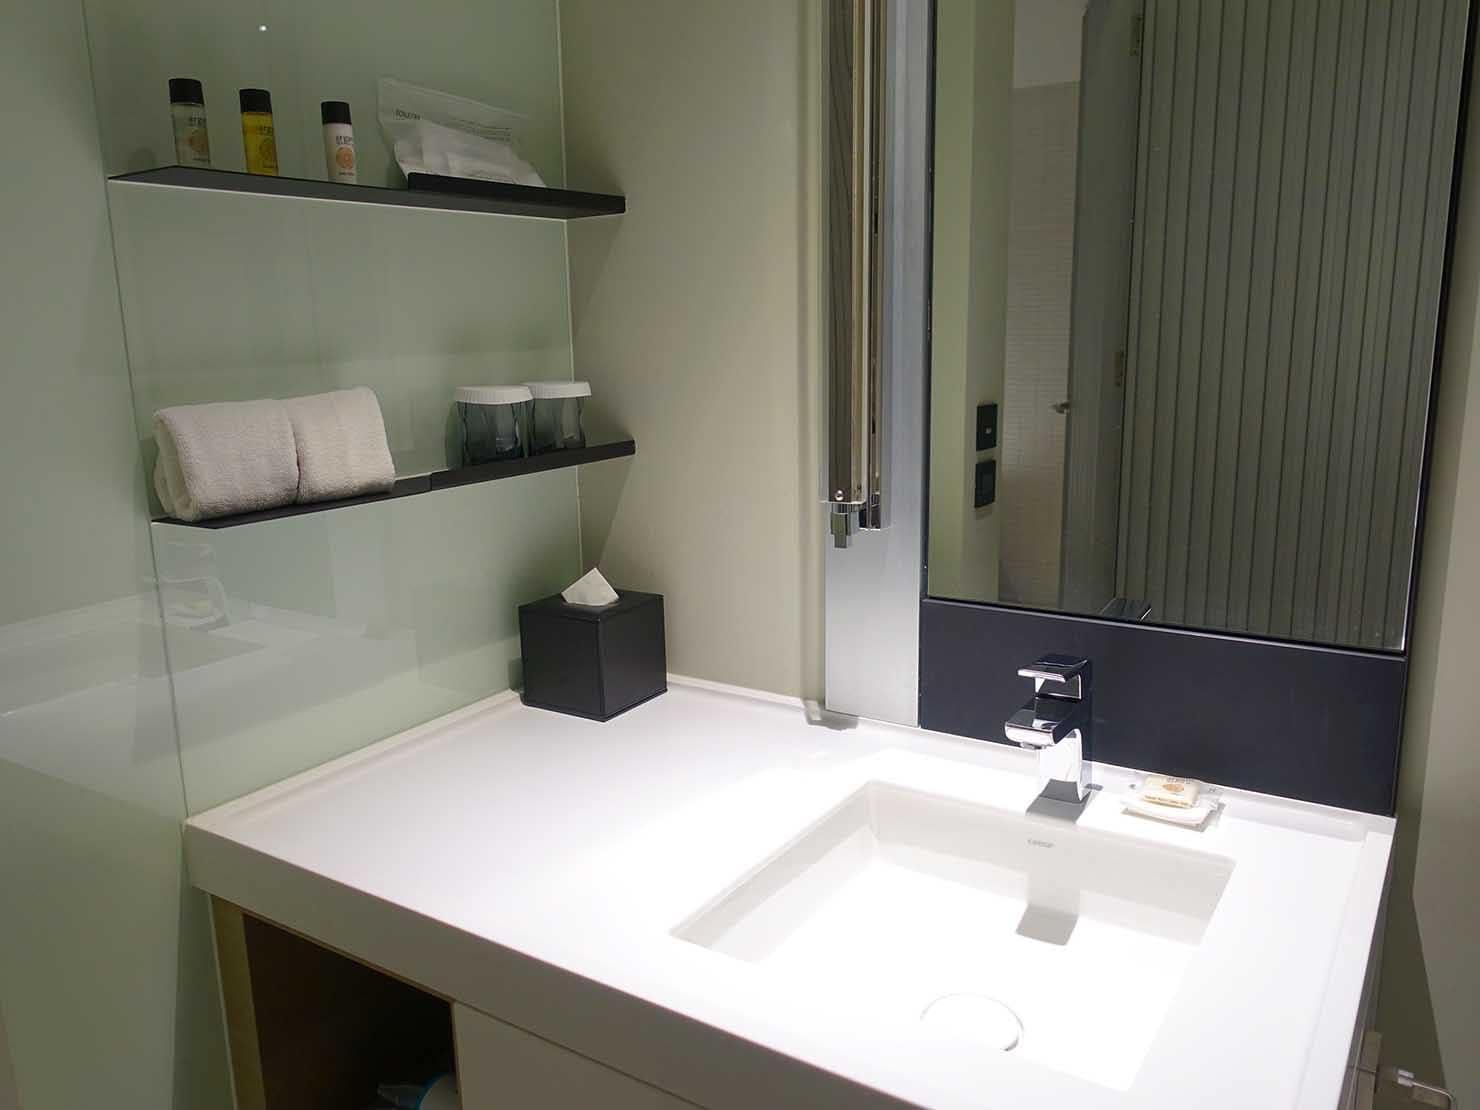 高雄市内観光におすすめのホテル「GREET INN 喜迎旅店」の豪華雙人房(デラックスダブル)のシンク